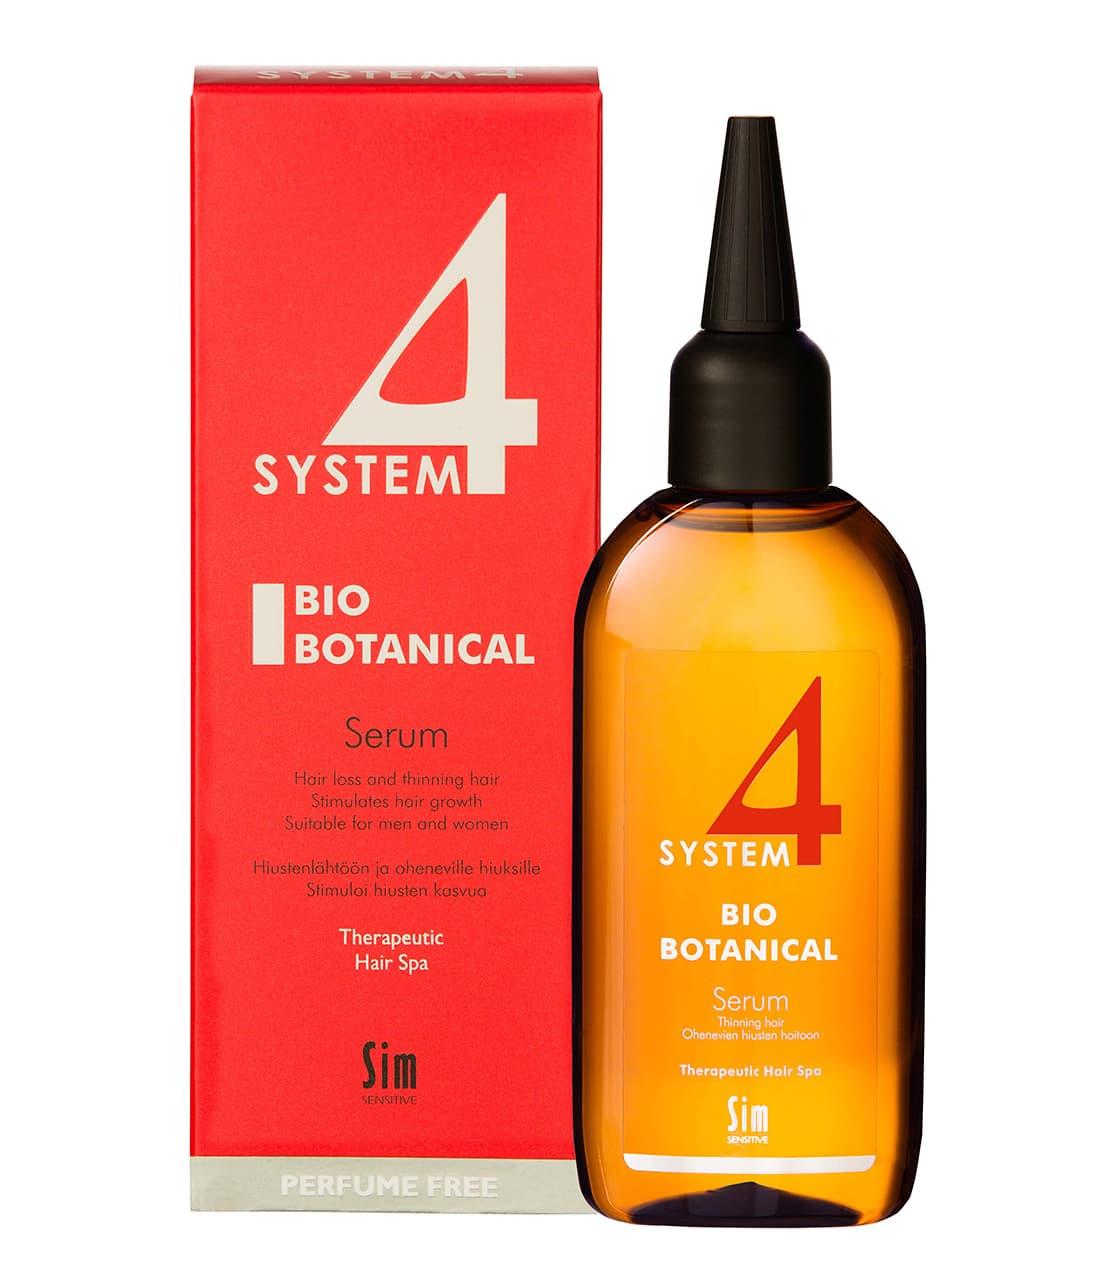 Sim Sensitive System 4 Биоботаническая сыворотка Bio Botanical Serum